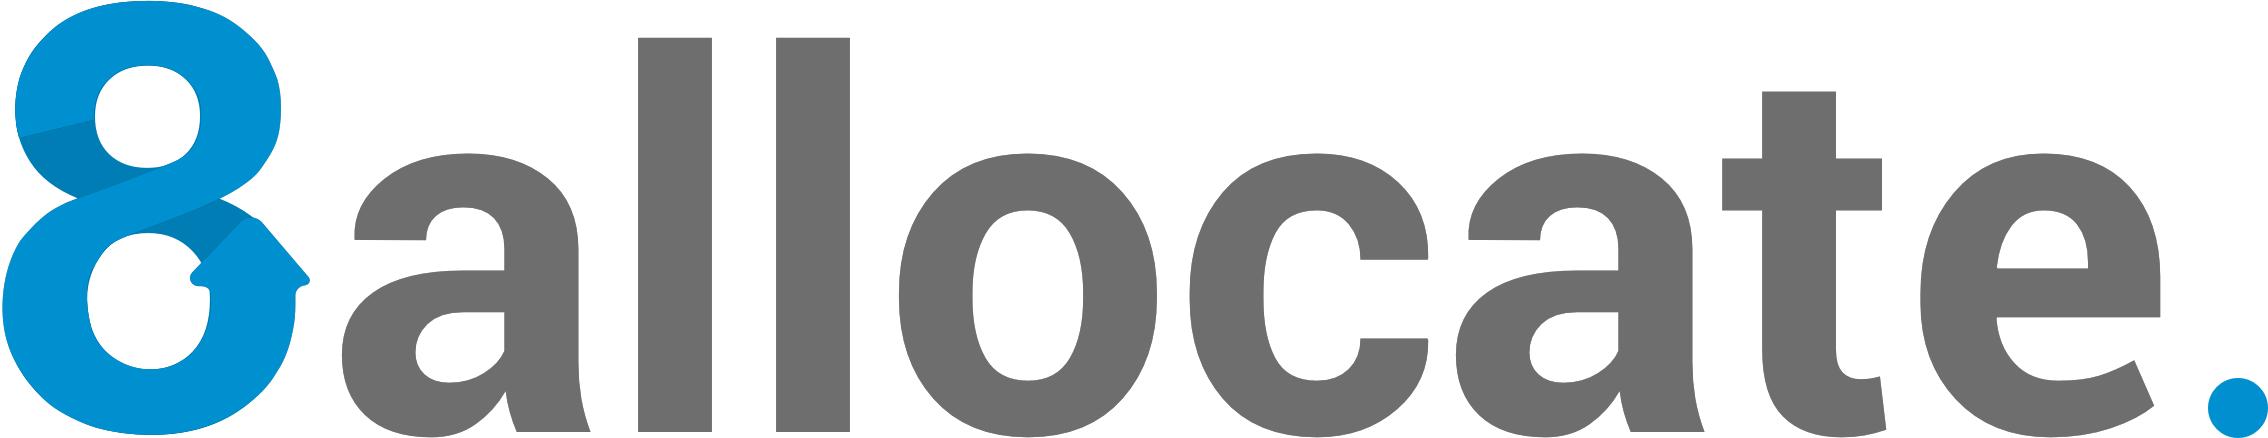 8allocate logo